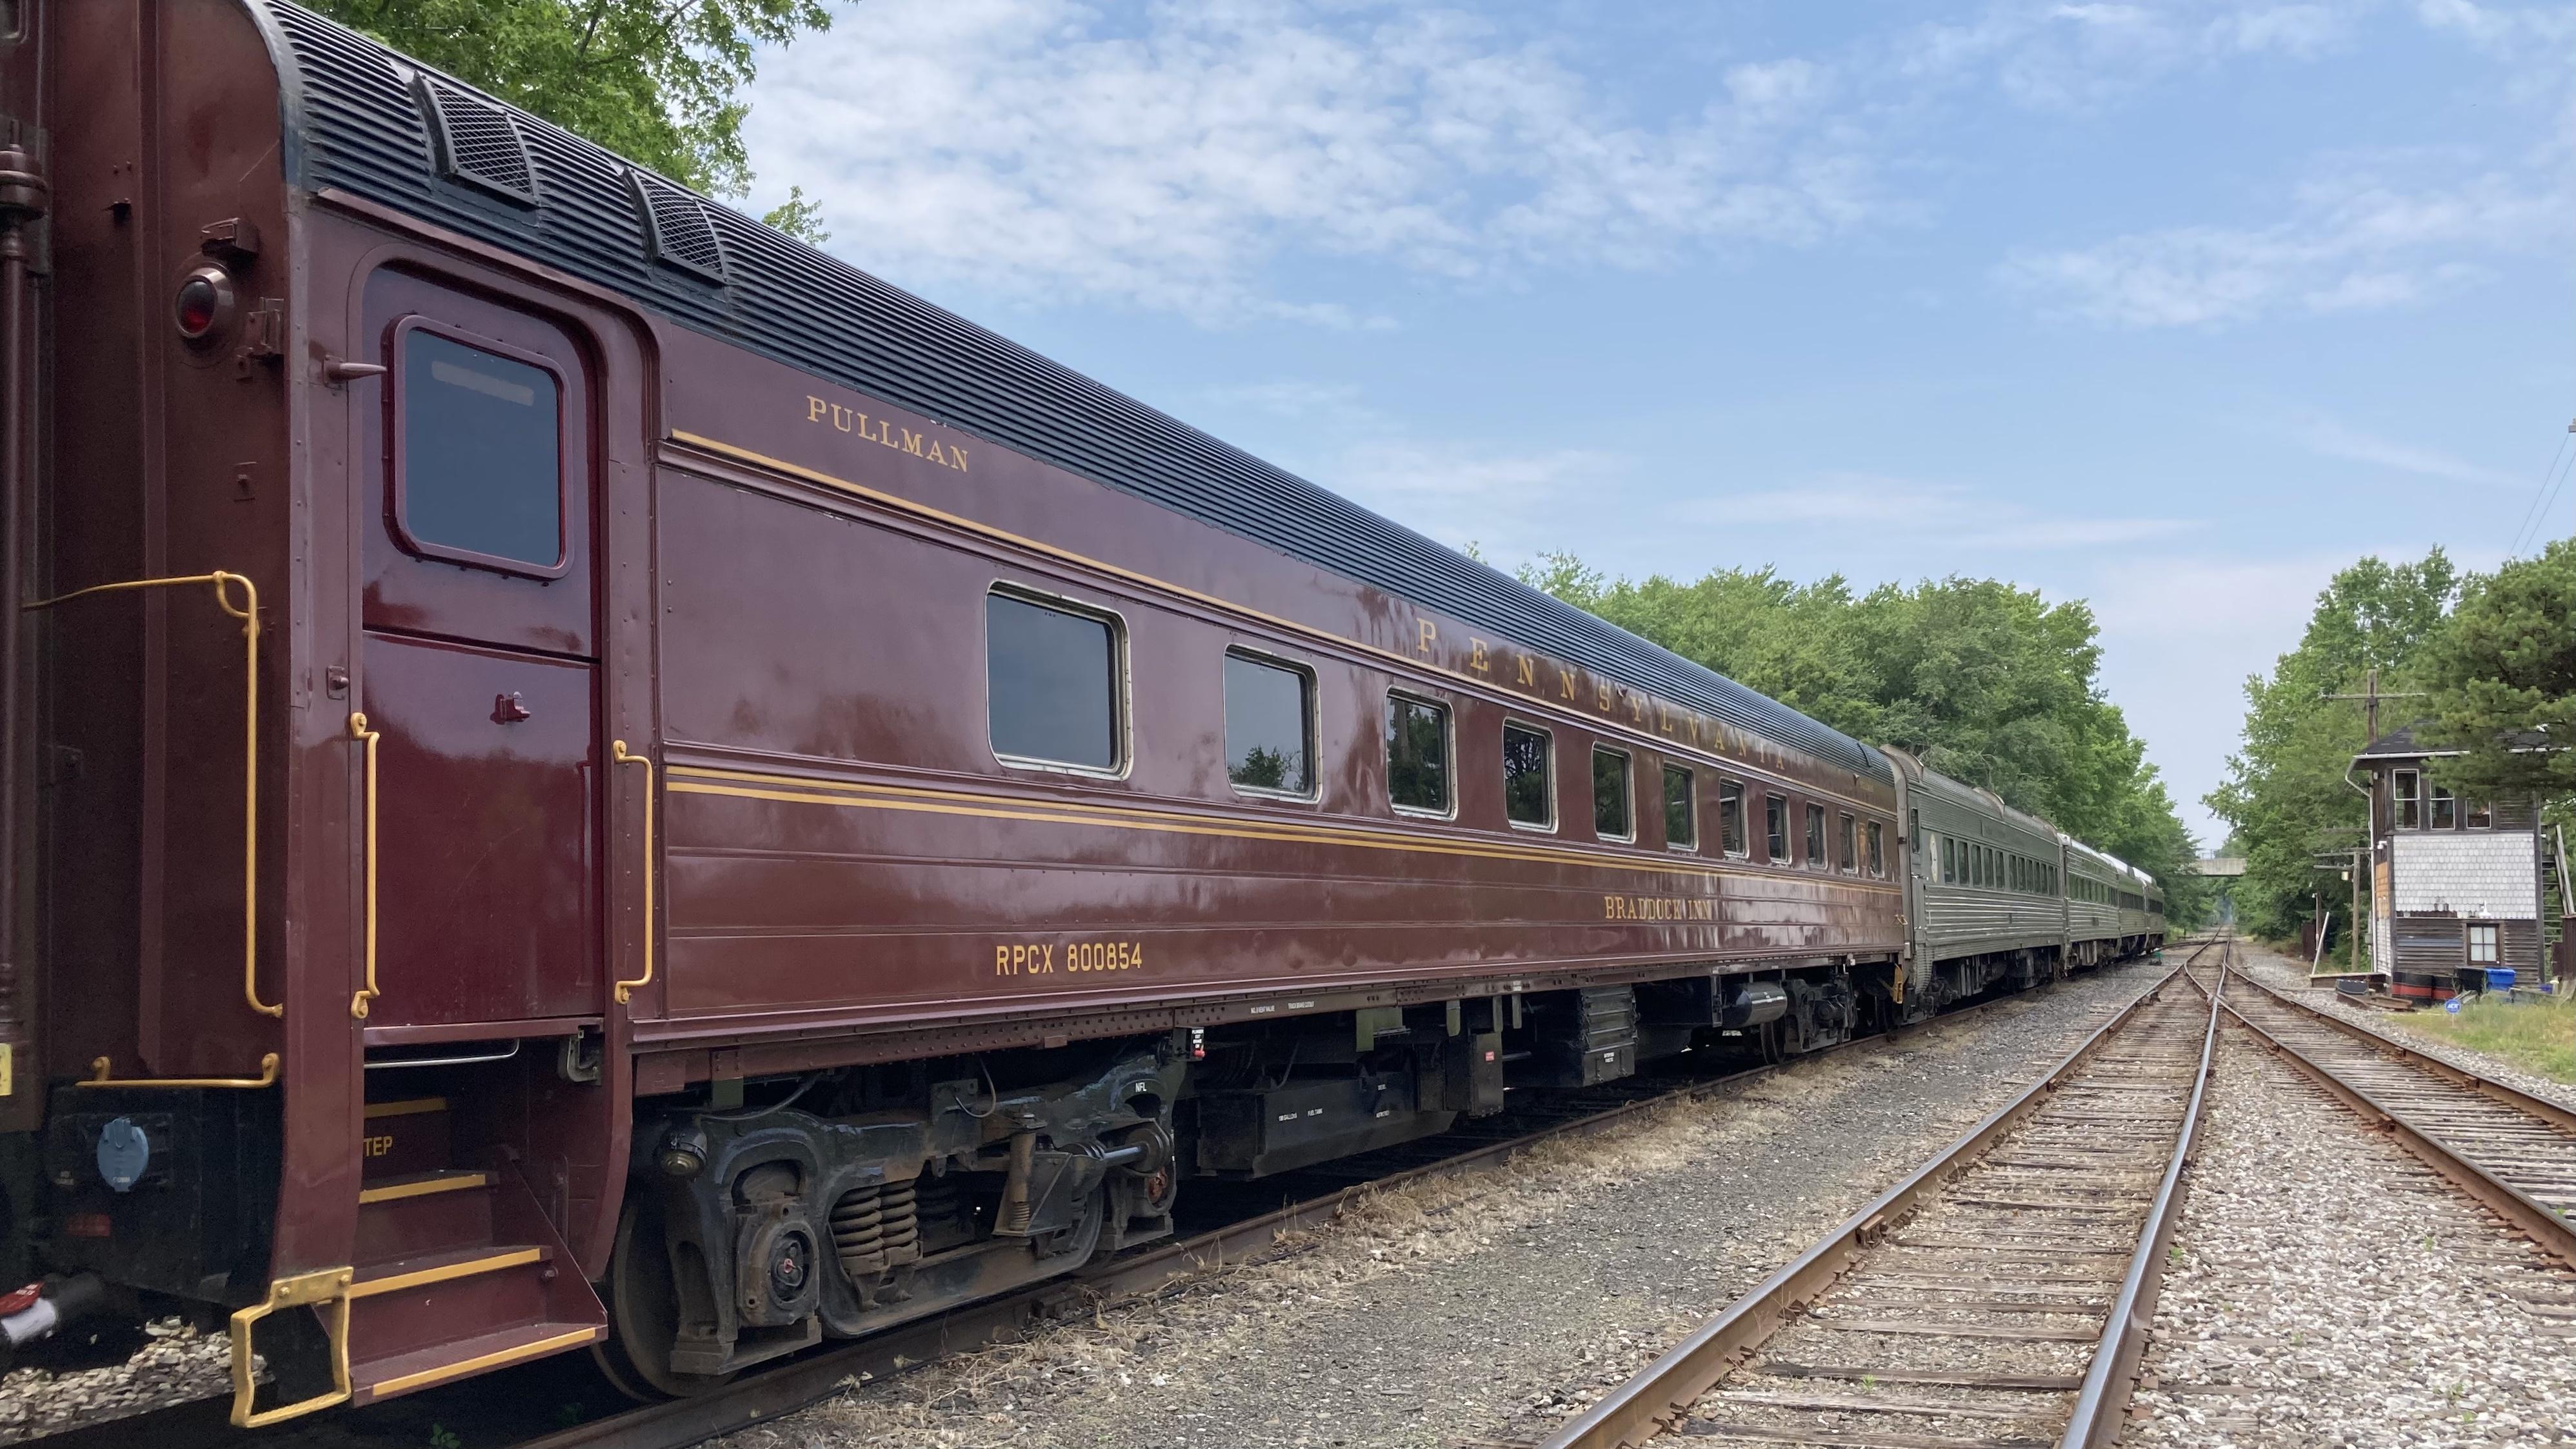 Pullman passenger car in train yard.